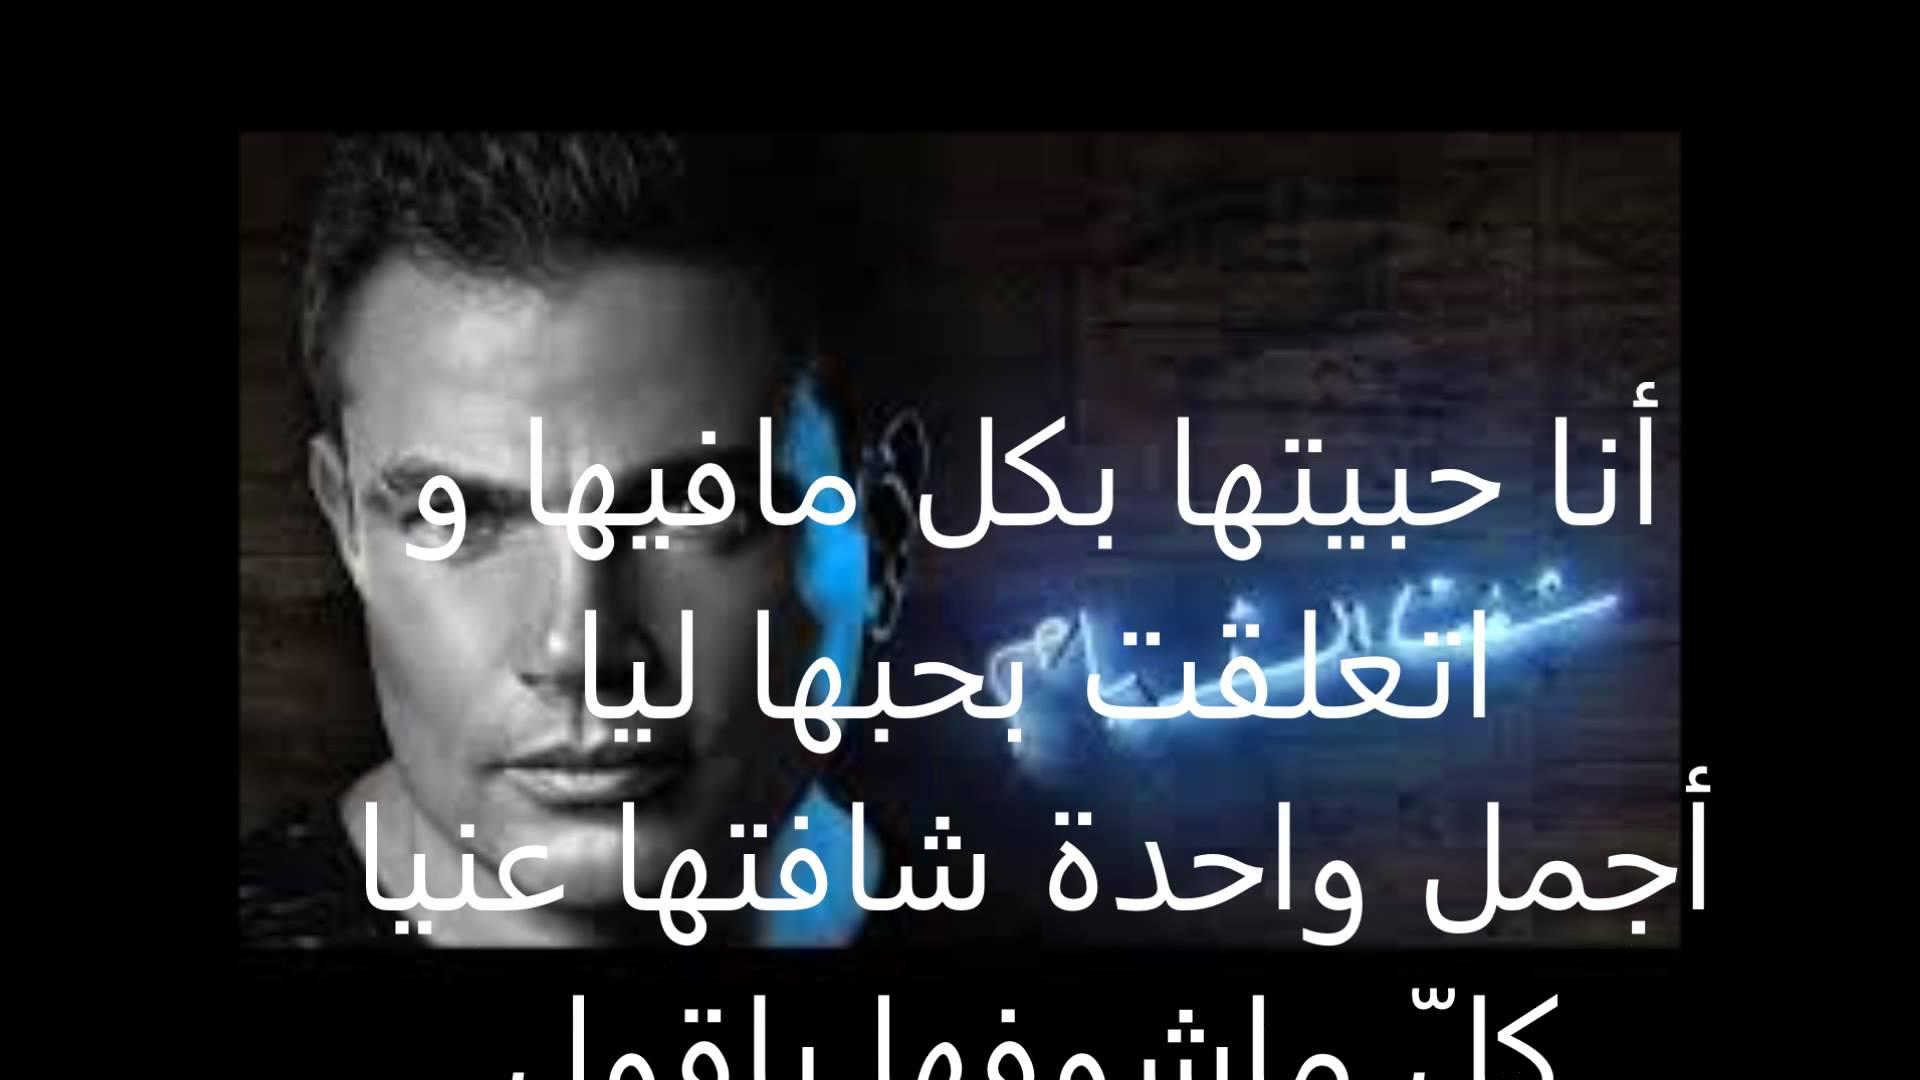 بالصور كلمات اغنية عمرو دياب الجديدة , احدث ما غنى الهضبة 470 14